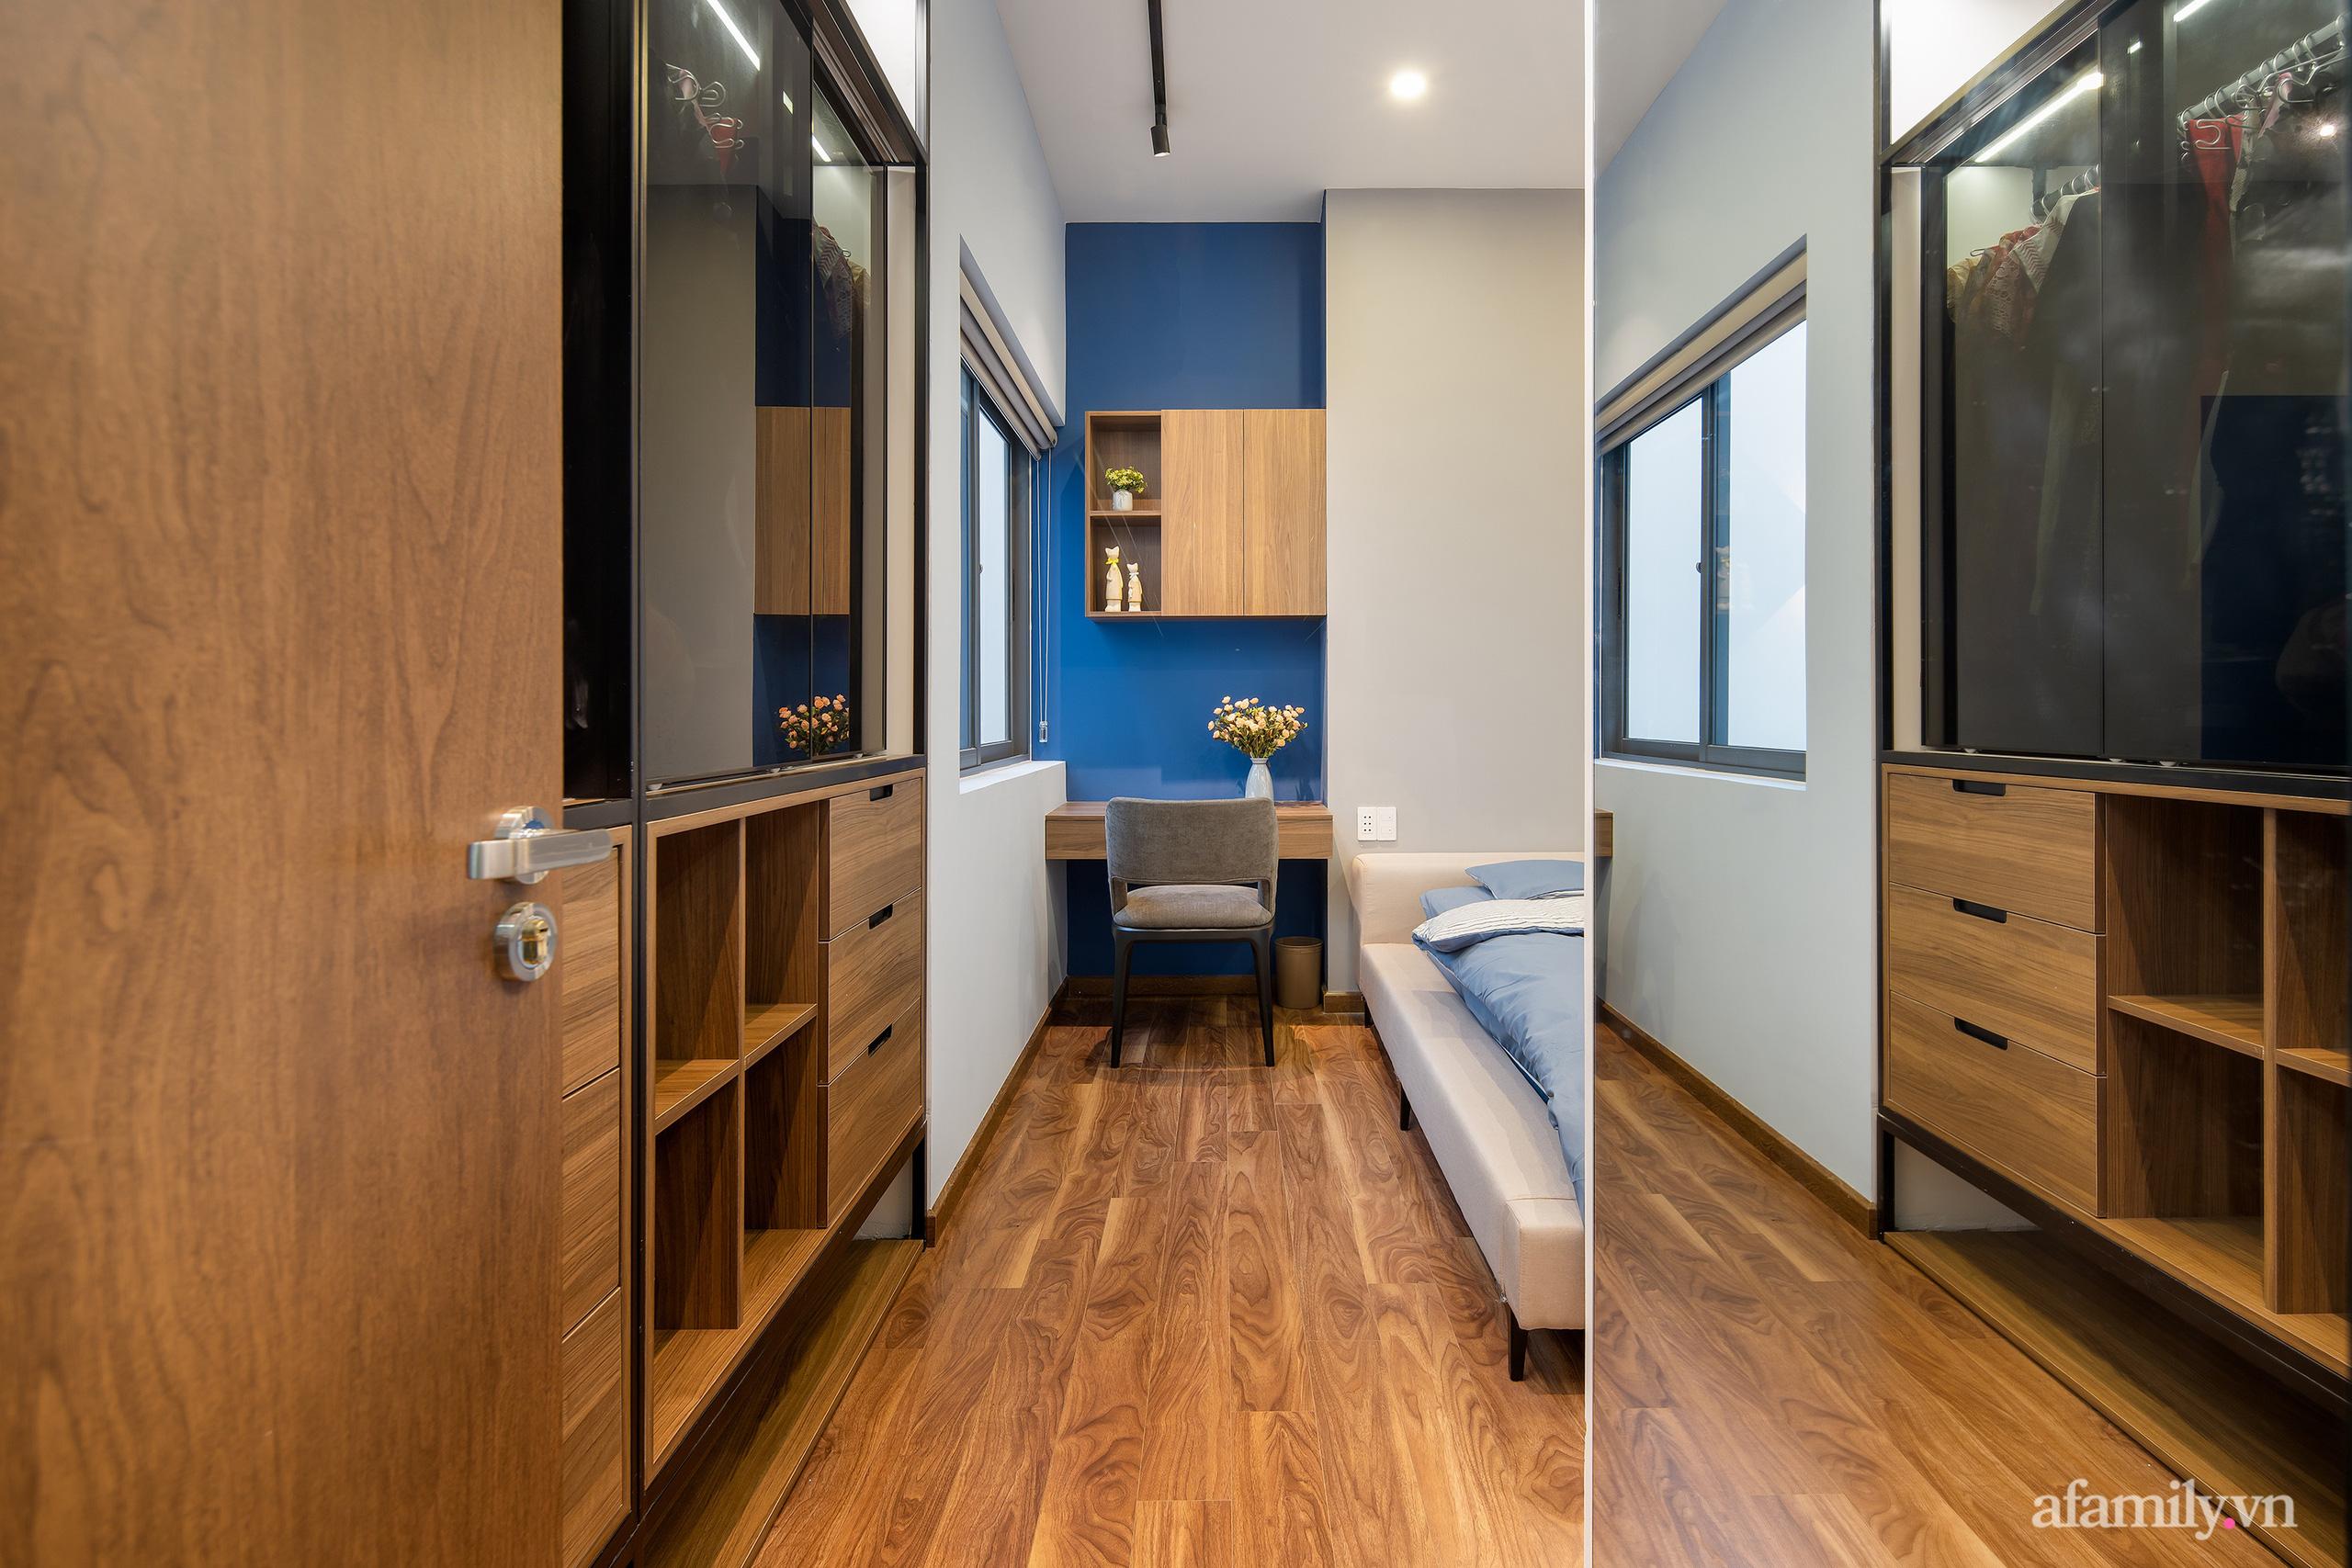 Nhà trong hẻm nhỏ vẫn ngập tràn ánh sáng, duyên dáng với nội thất tối giản ở Đà Nẵng - Ảnh 20.